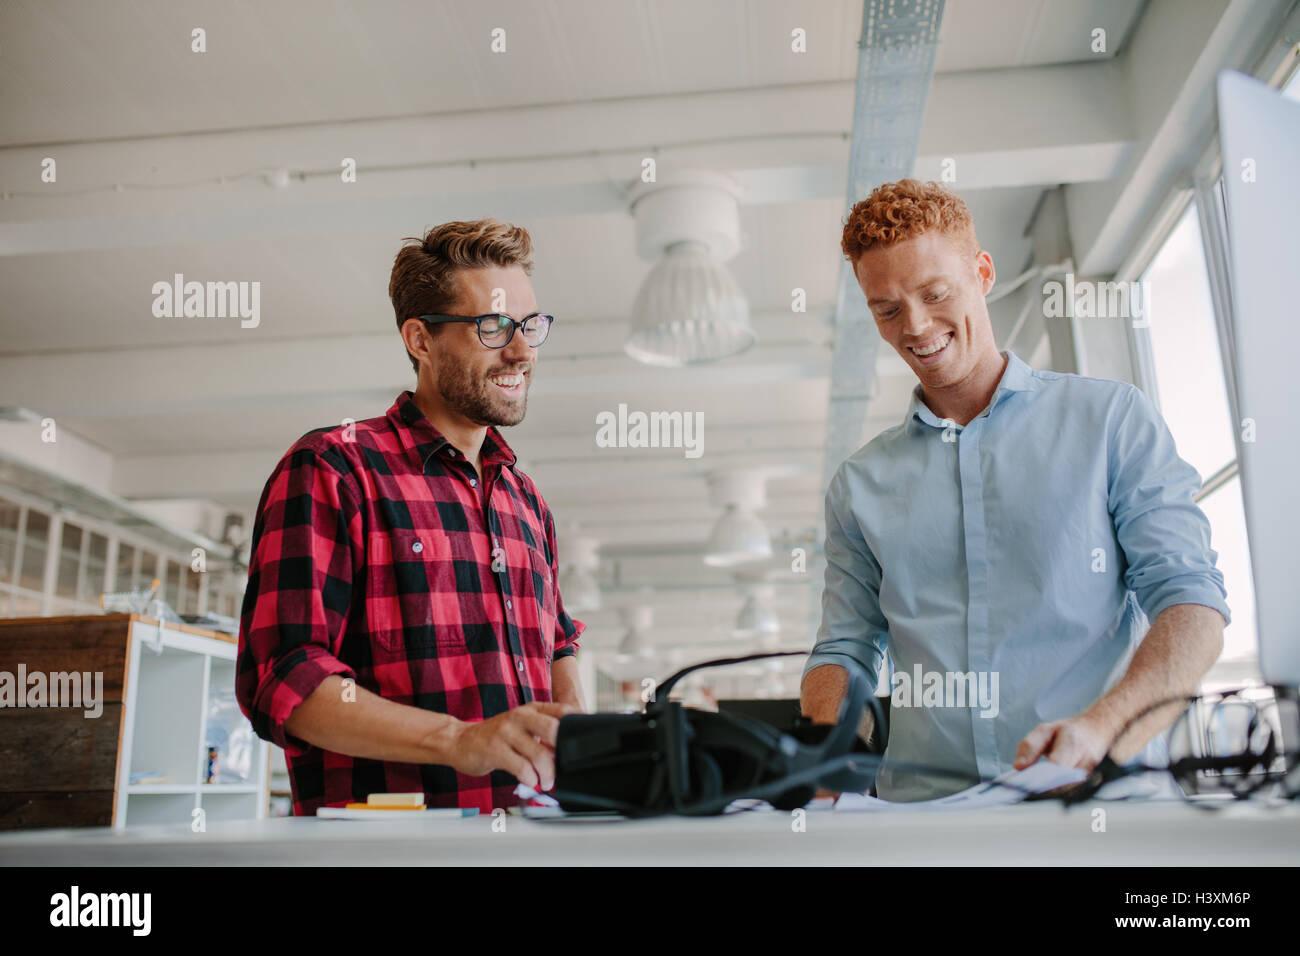 Colpo di felice giovane uomo lavorando insieme in un ufficio moderno. Team di sviluppatori che lavorano sulla sperimentazione Immagini Stock